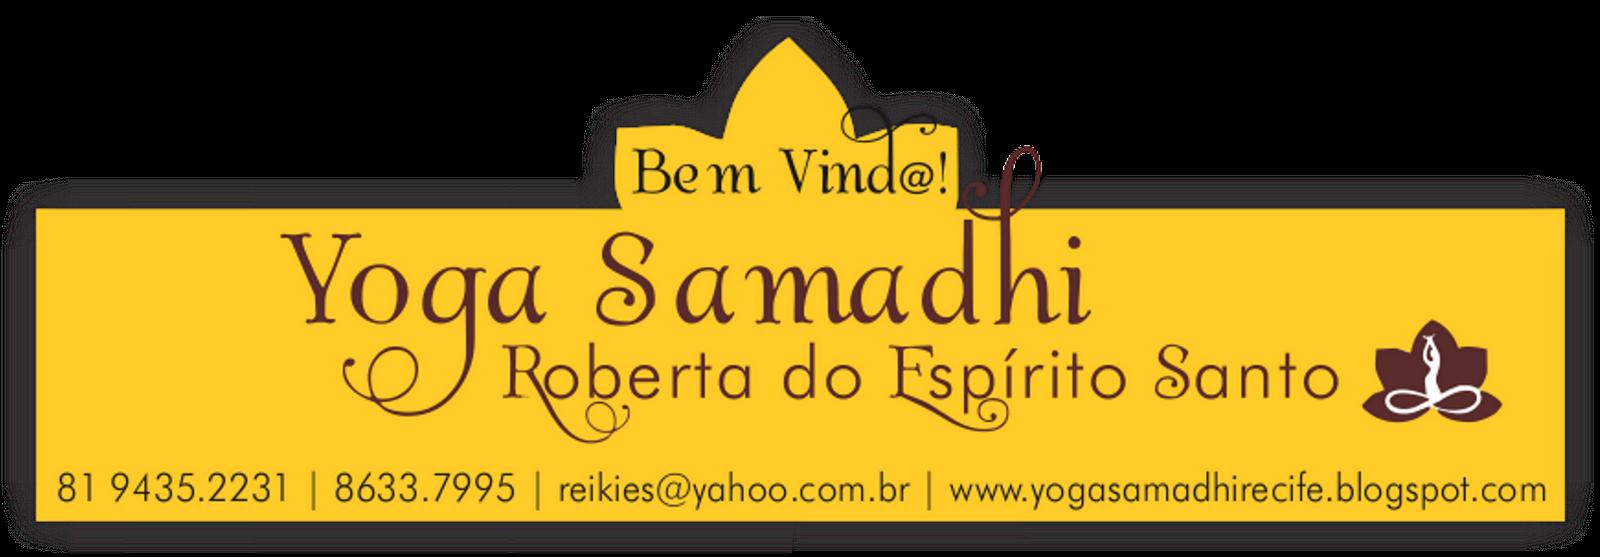 Yoga Samadhi.